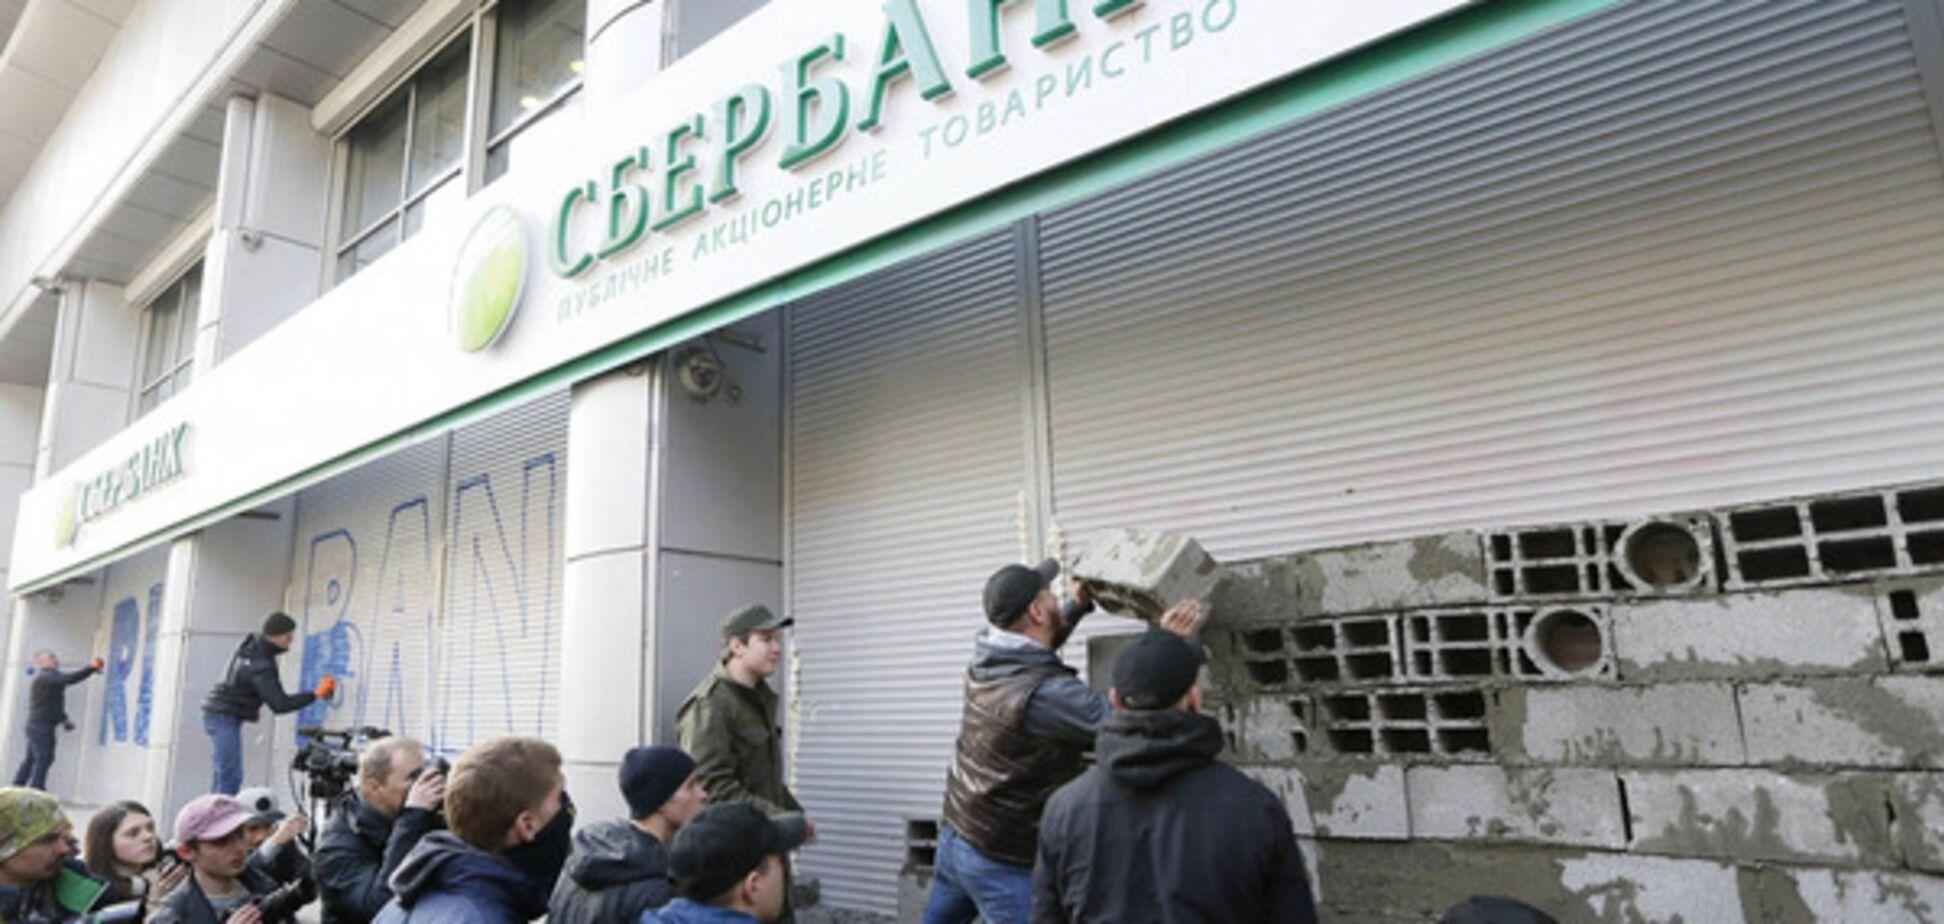 Сбербанк Росії Київ